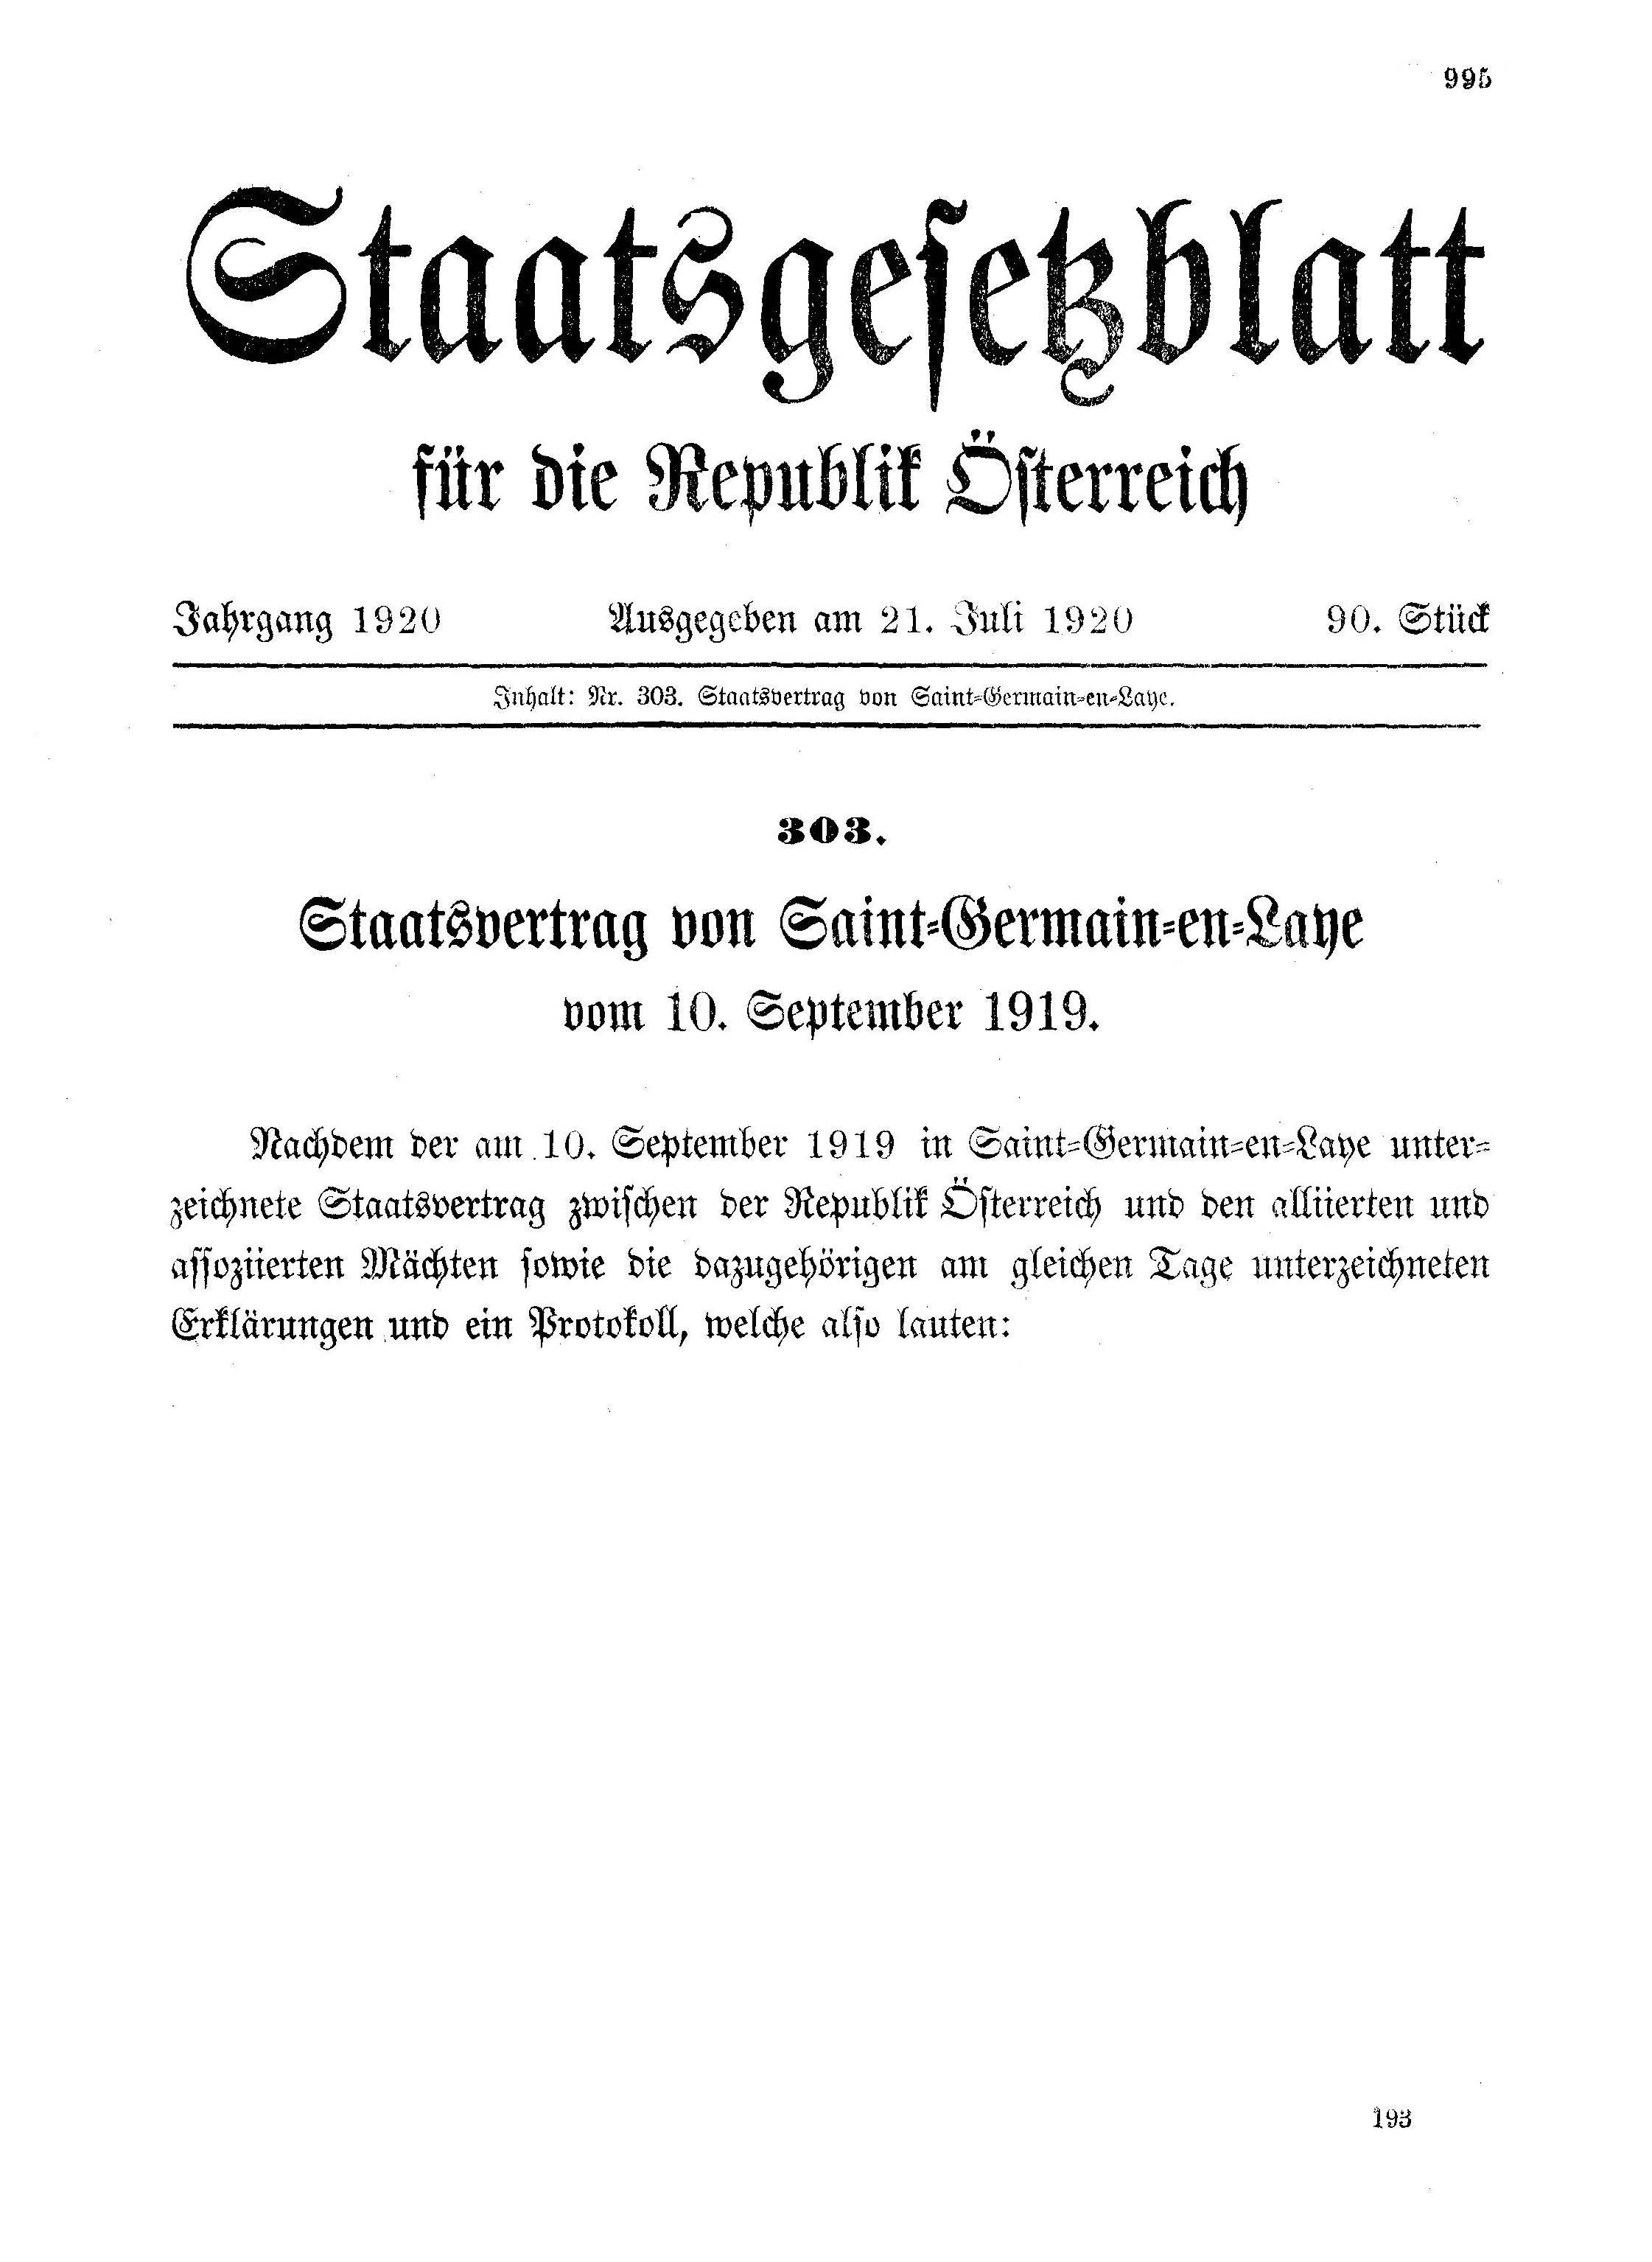 Friedensvertrag 2 Weltkrieg